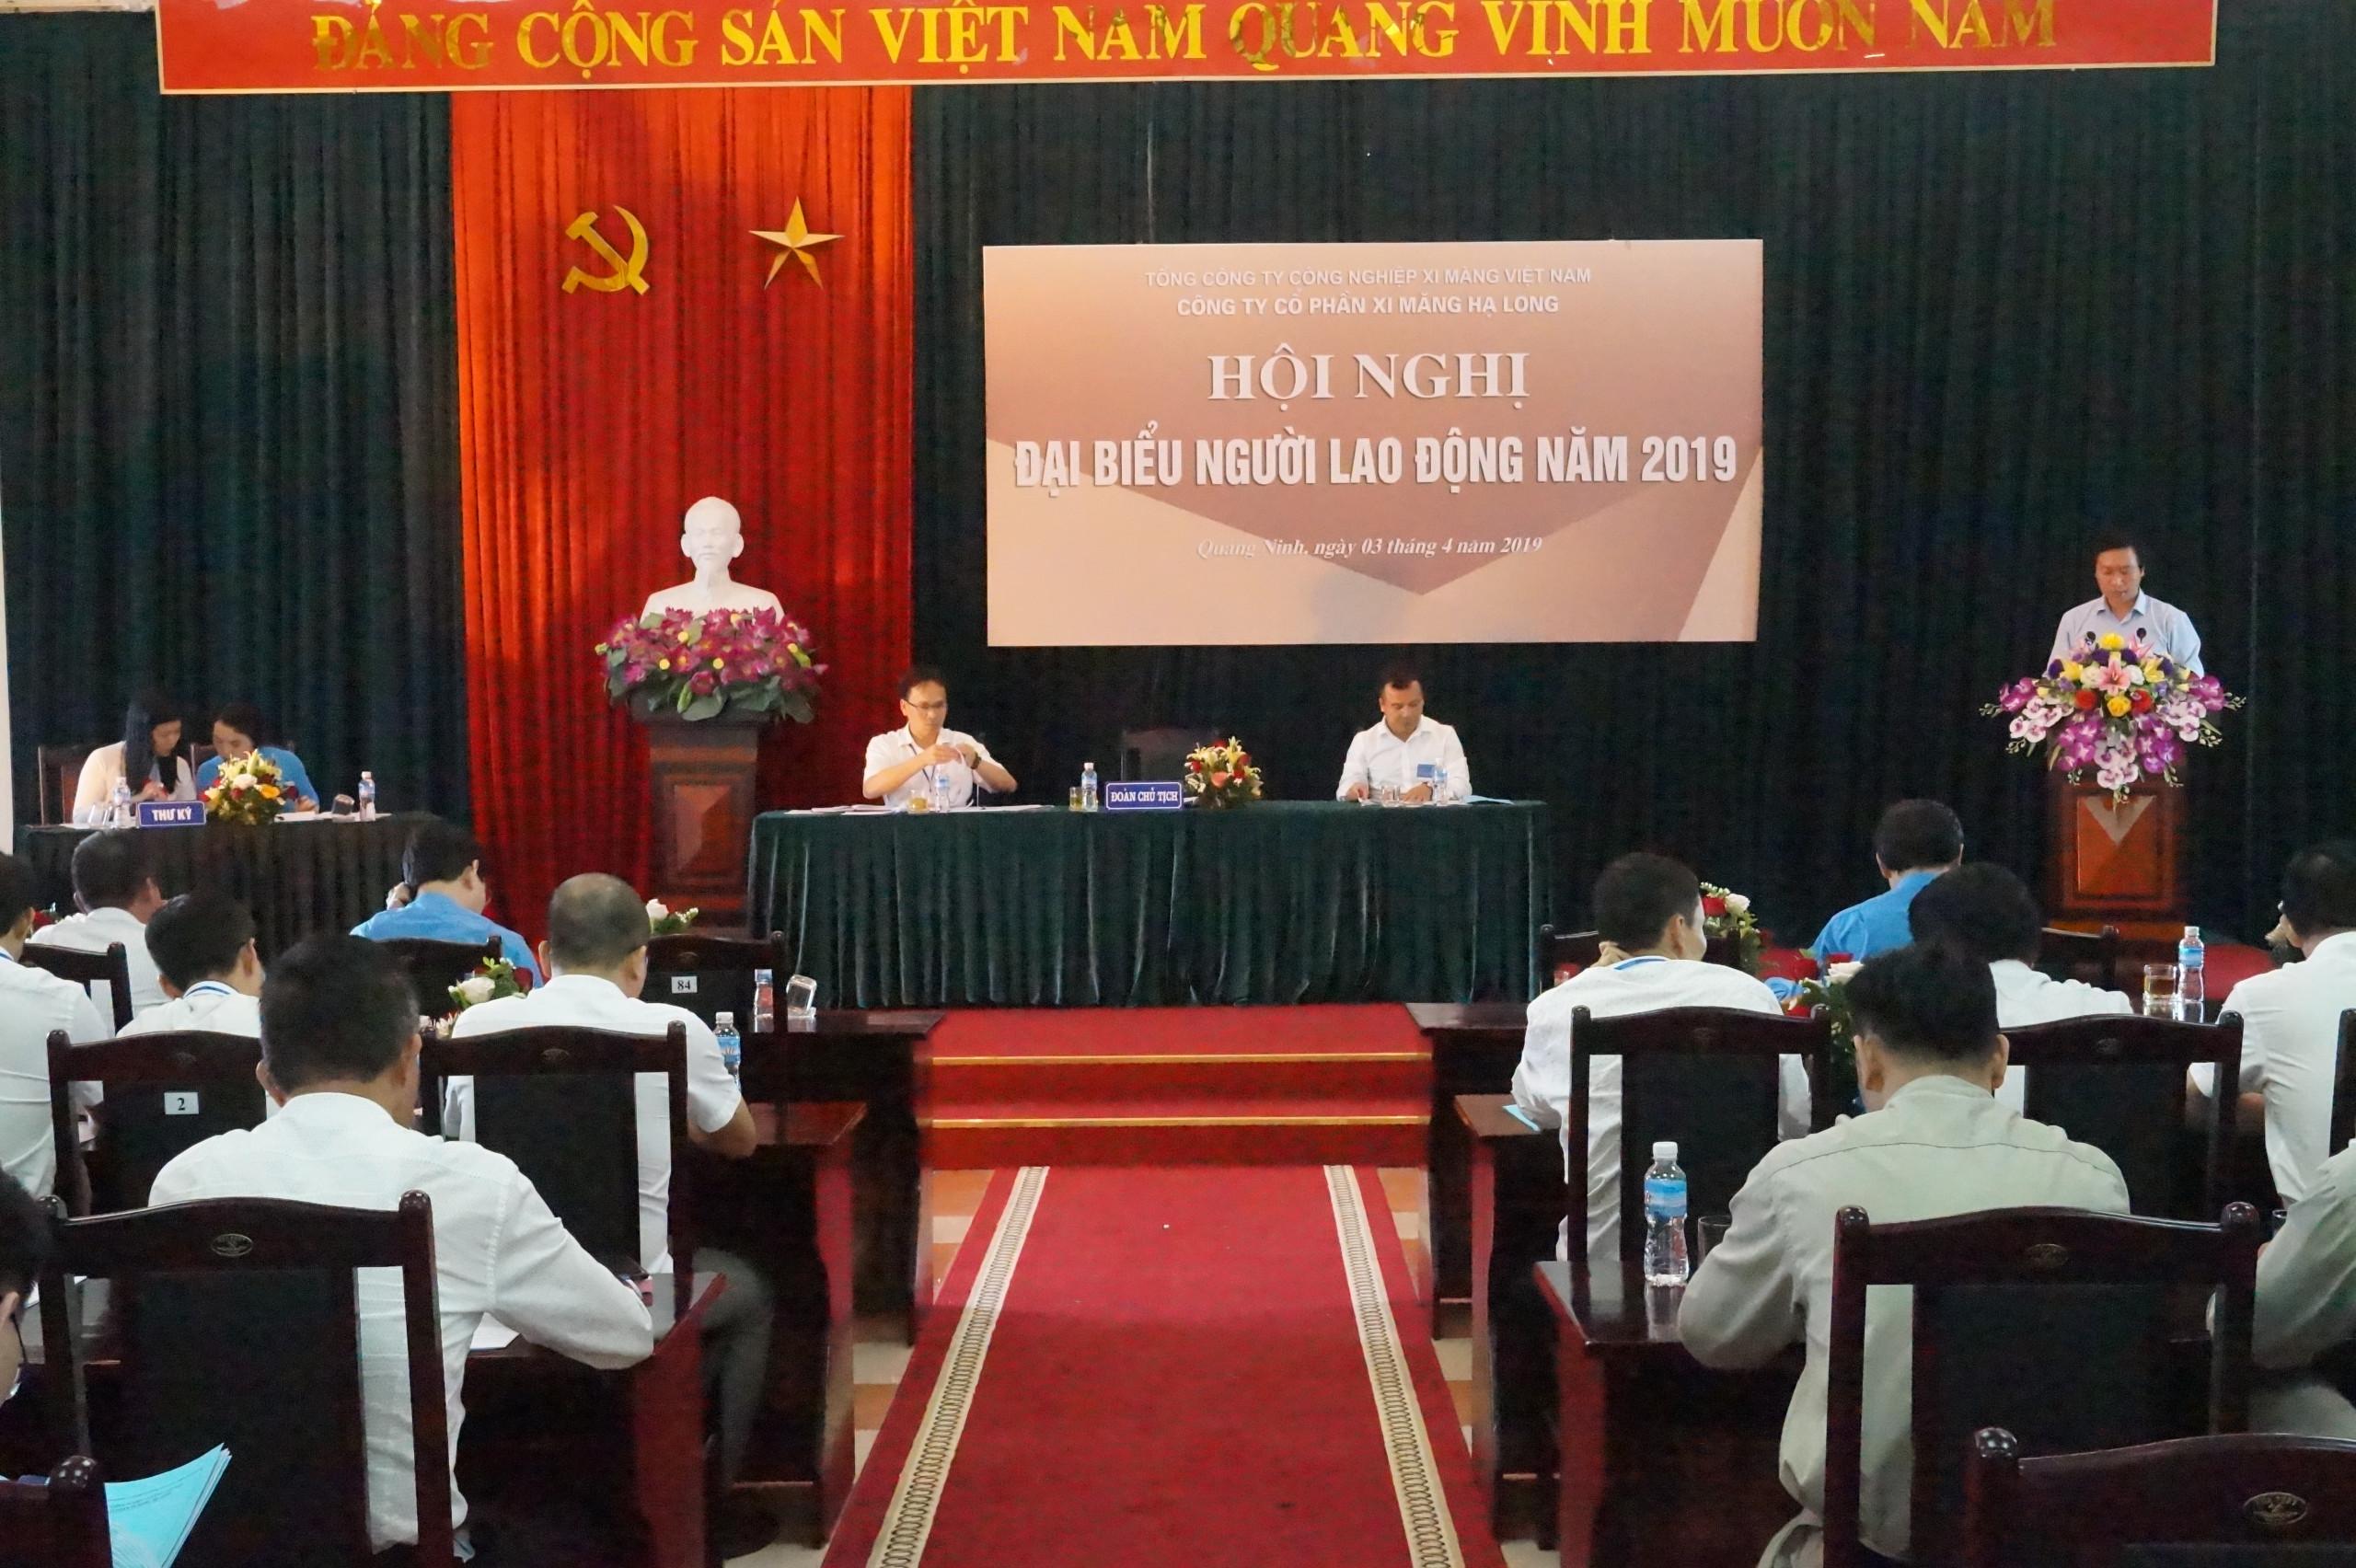 Xi măng Hạ Long đã tổ chức Hội nghị đại biểu Người lao động năm 2019